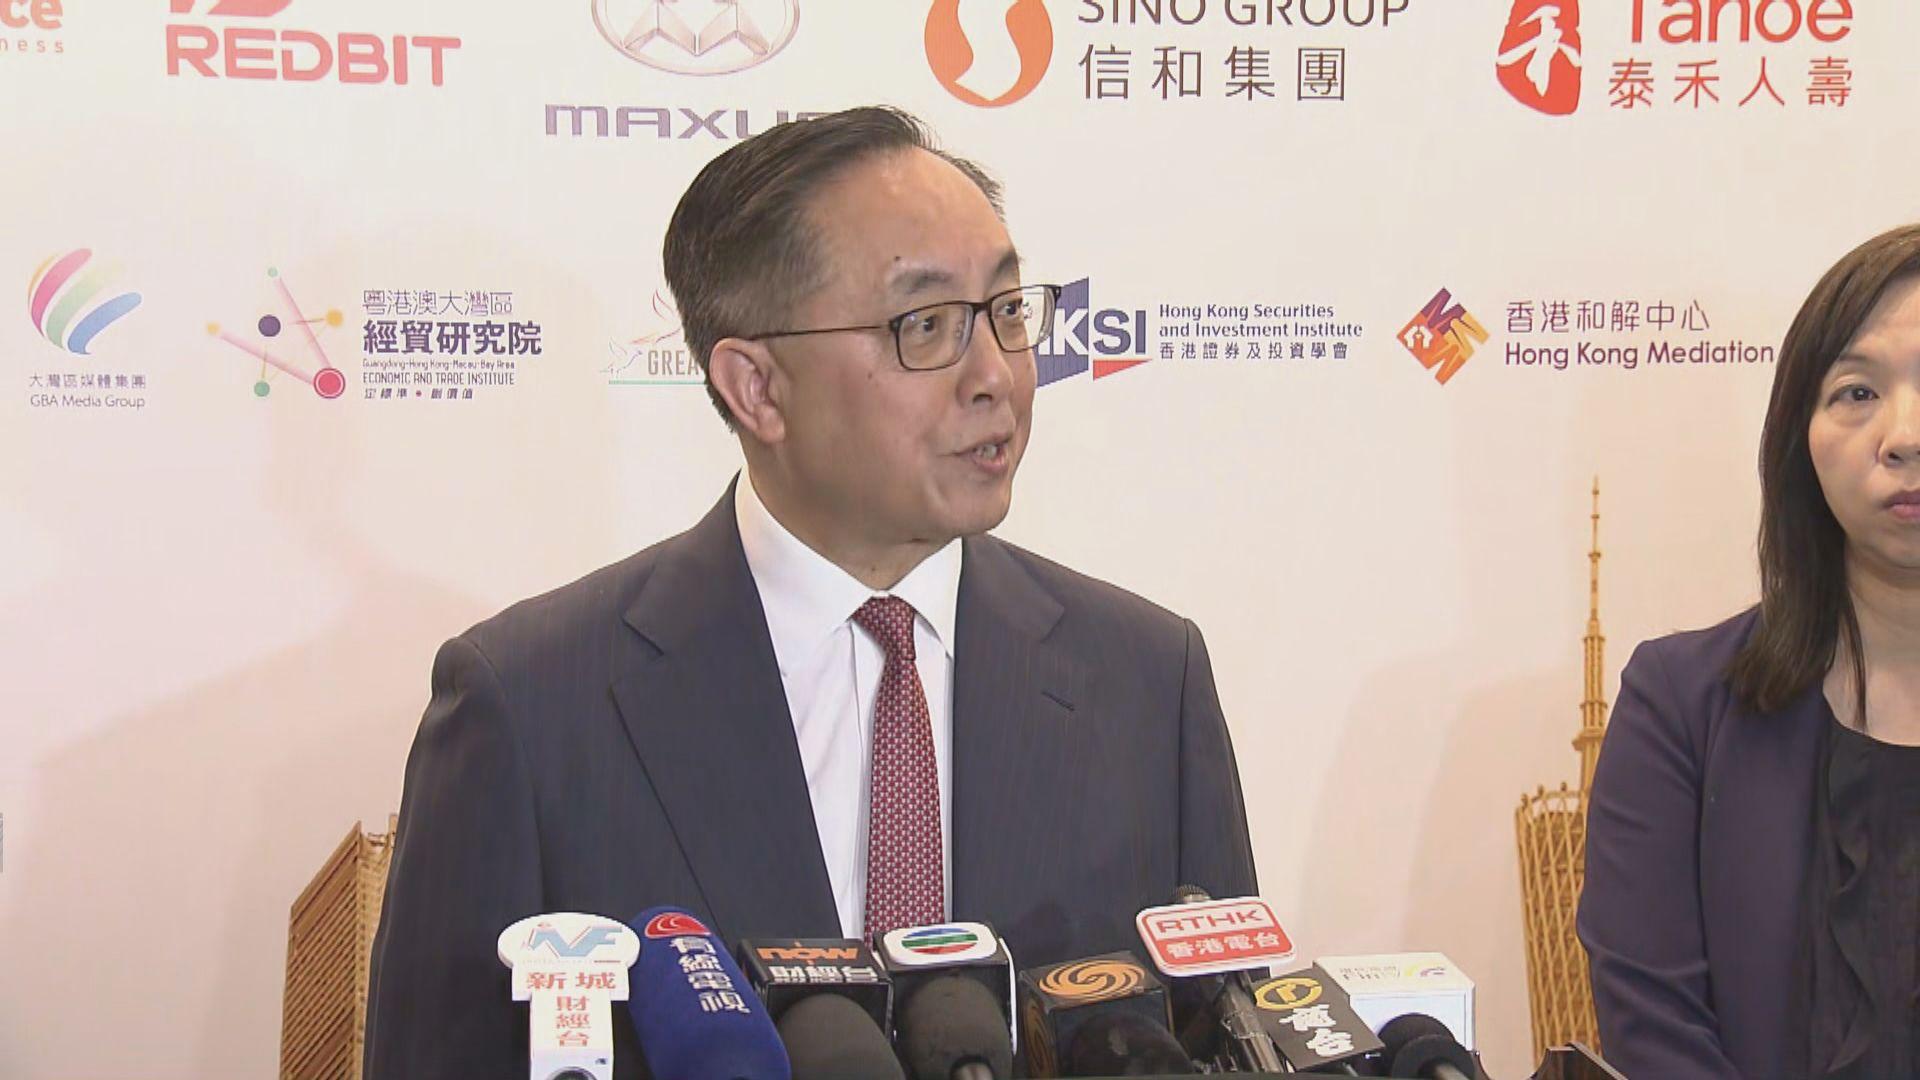 楊偉雄:數碼港作用明顯 會再投放資源